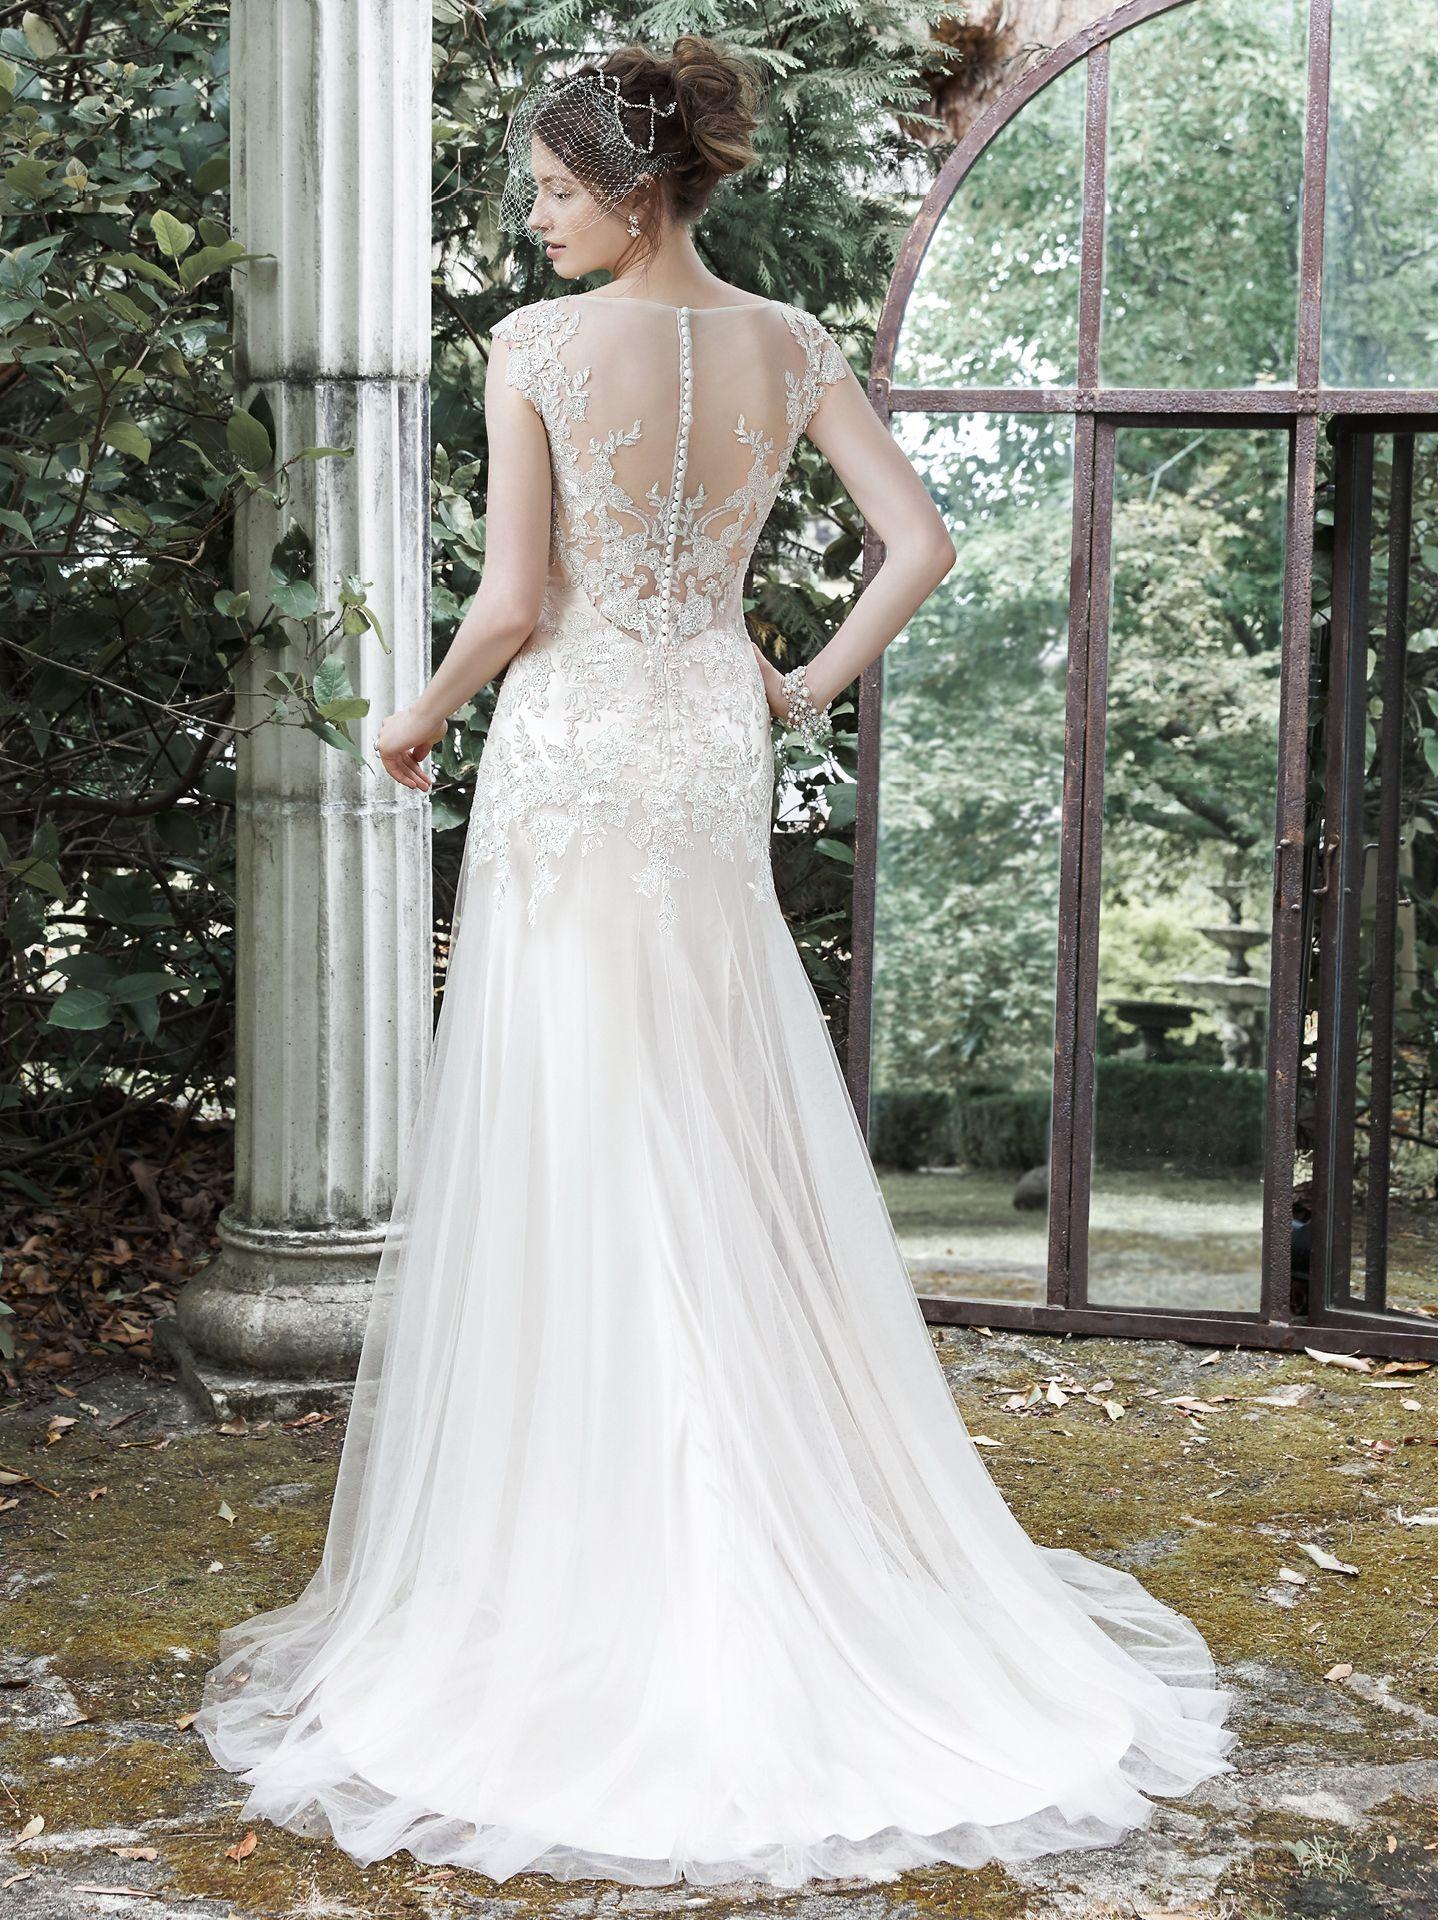 Ziemlich Metallisches Hochzeitskleid Zeitgenössisch - Brautkleider ...